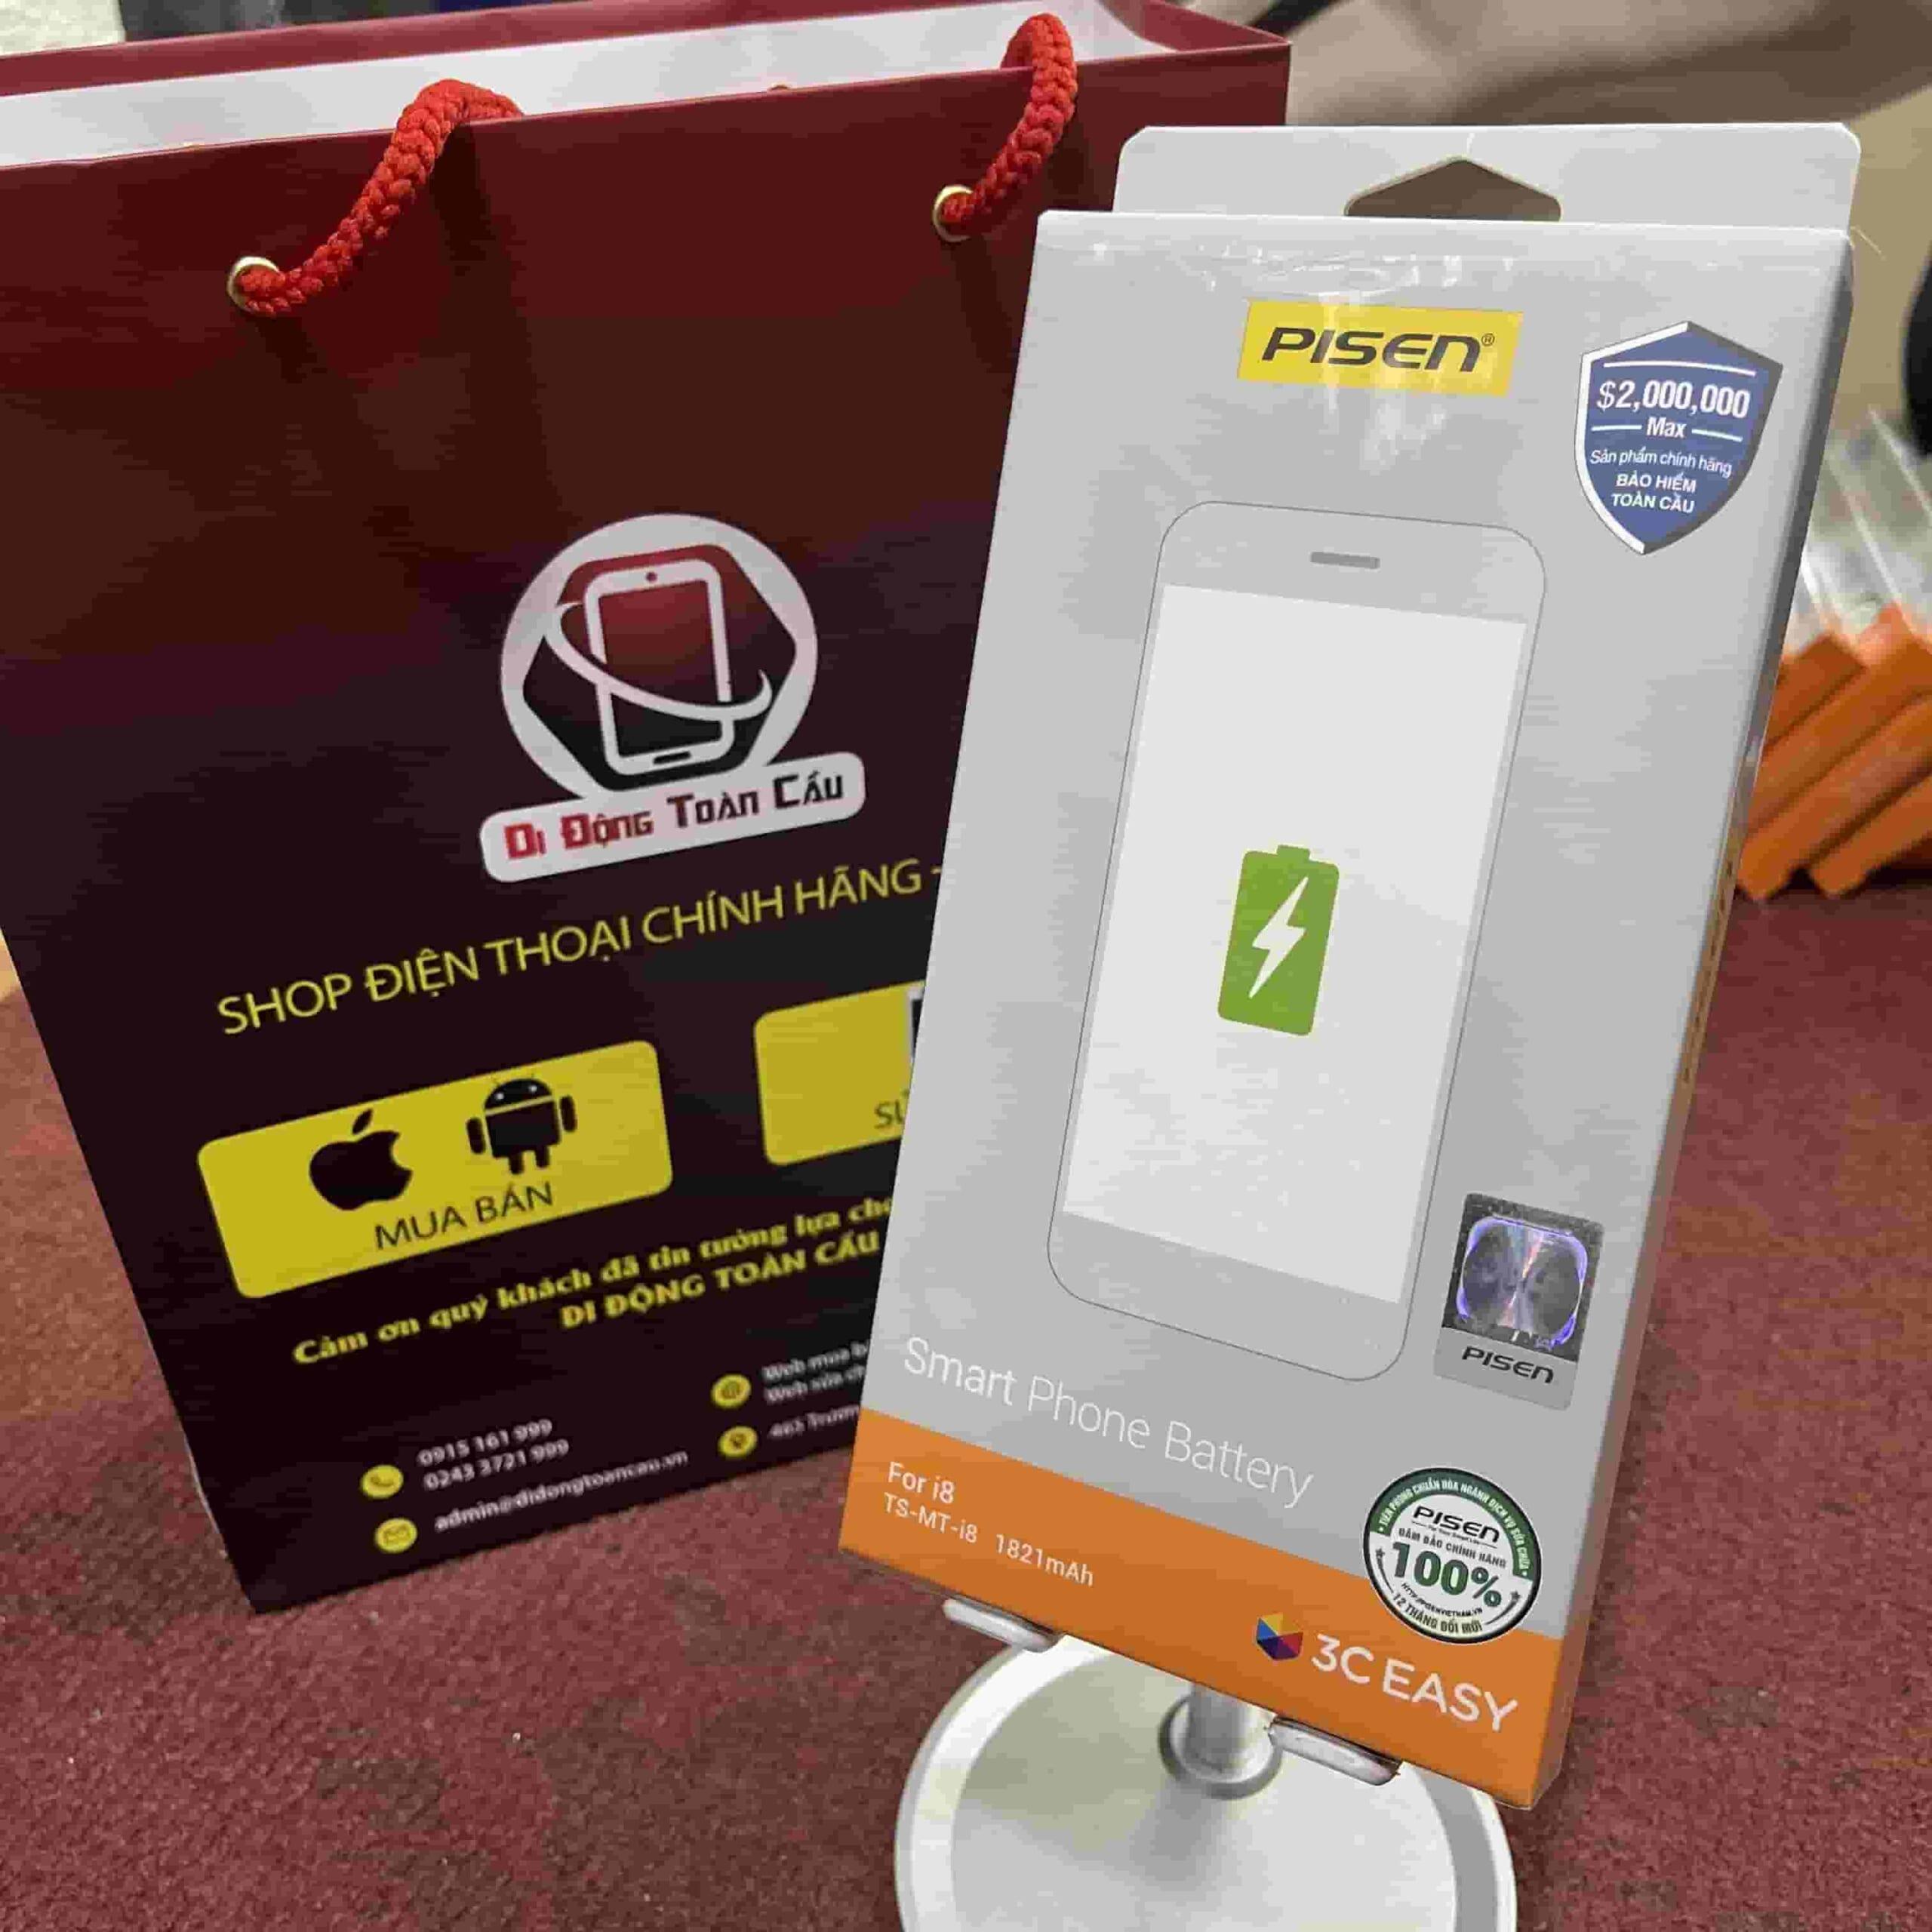 Thay pin Pisen iPhone 8 dung lượng chuẩn